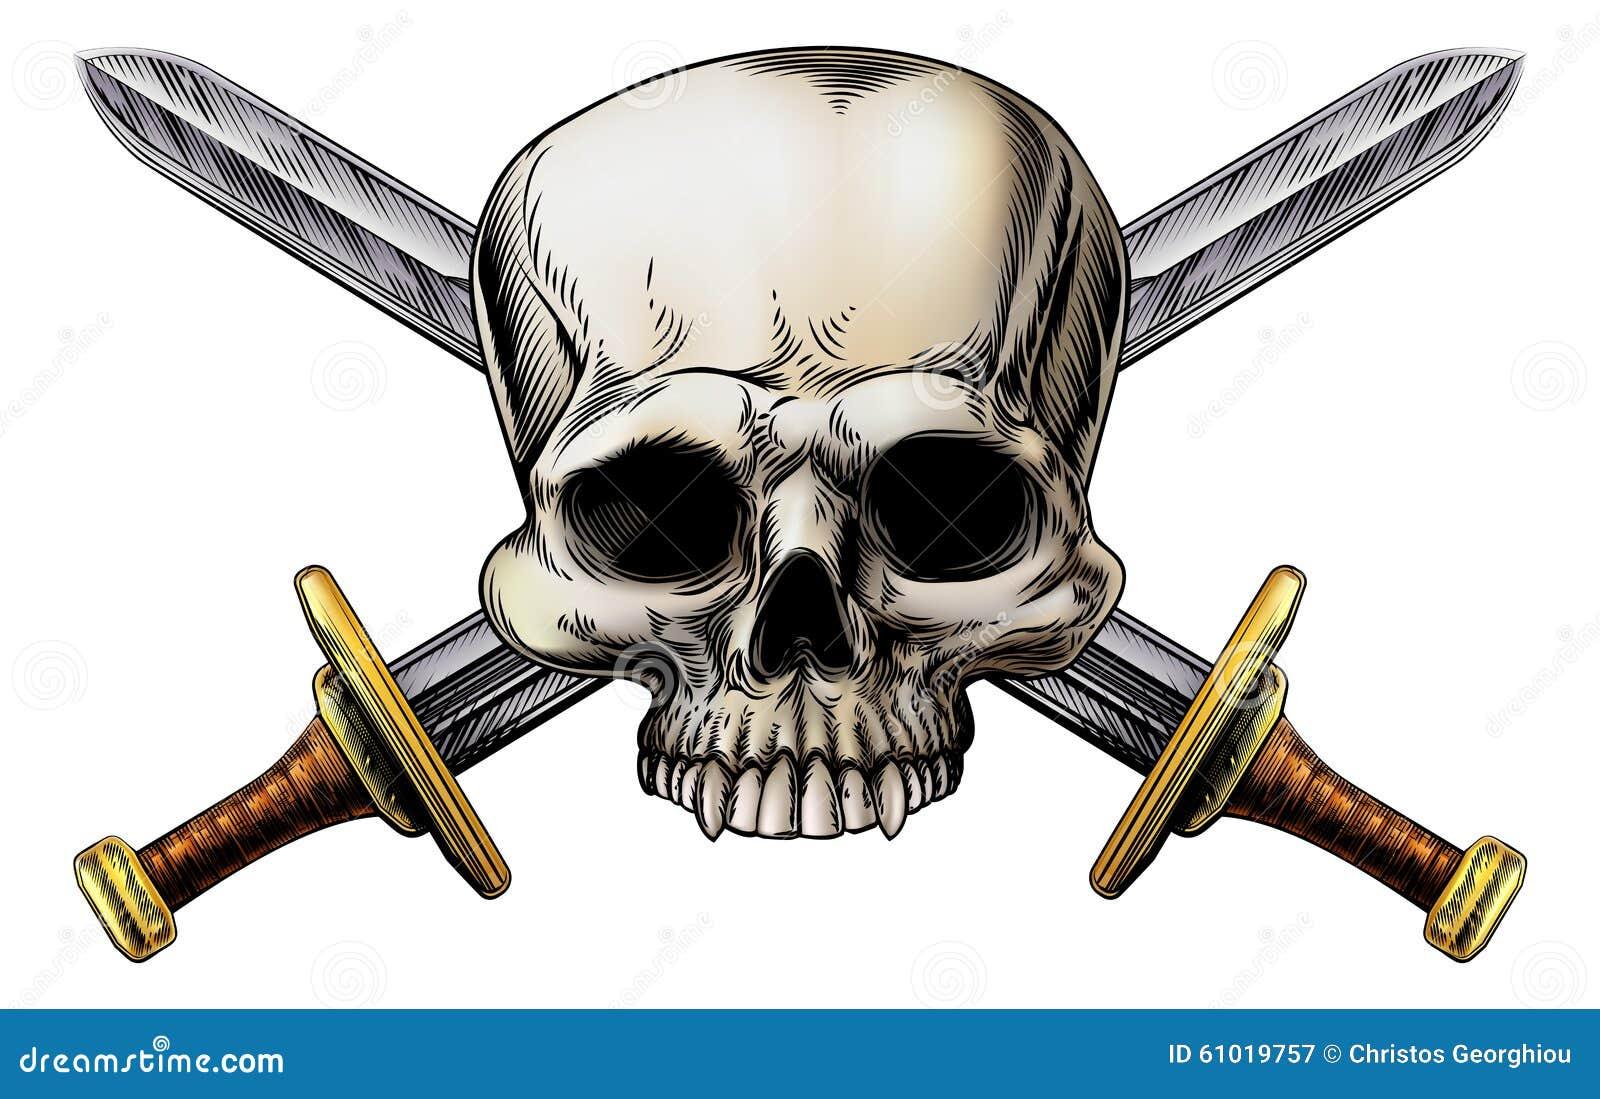 Знак шпаг черепа и креста